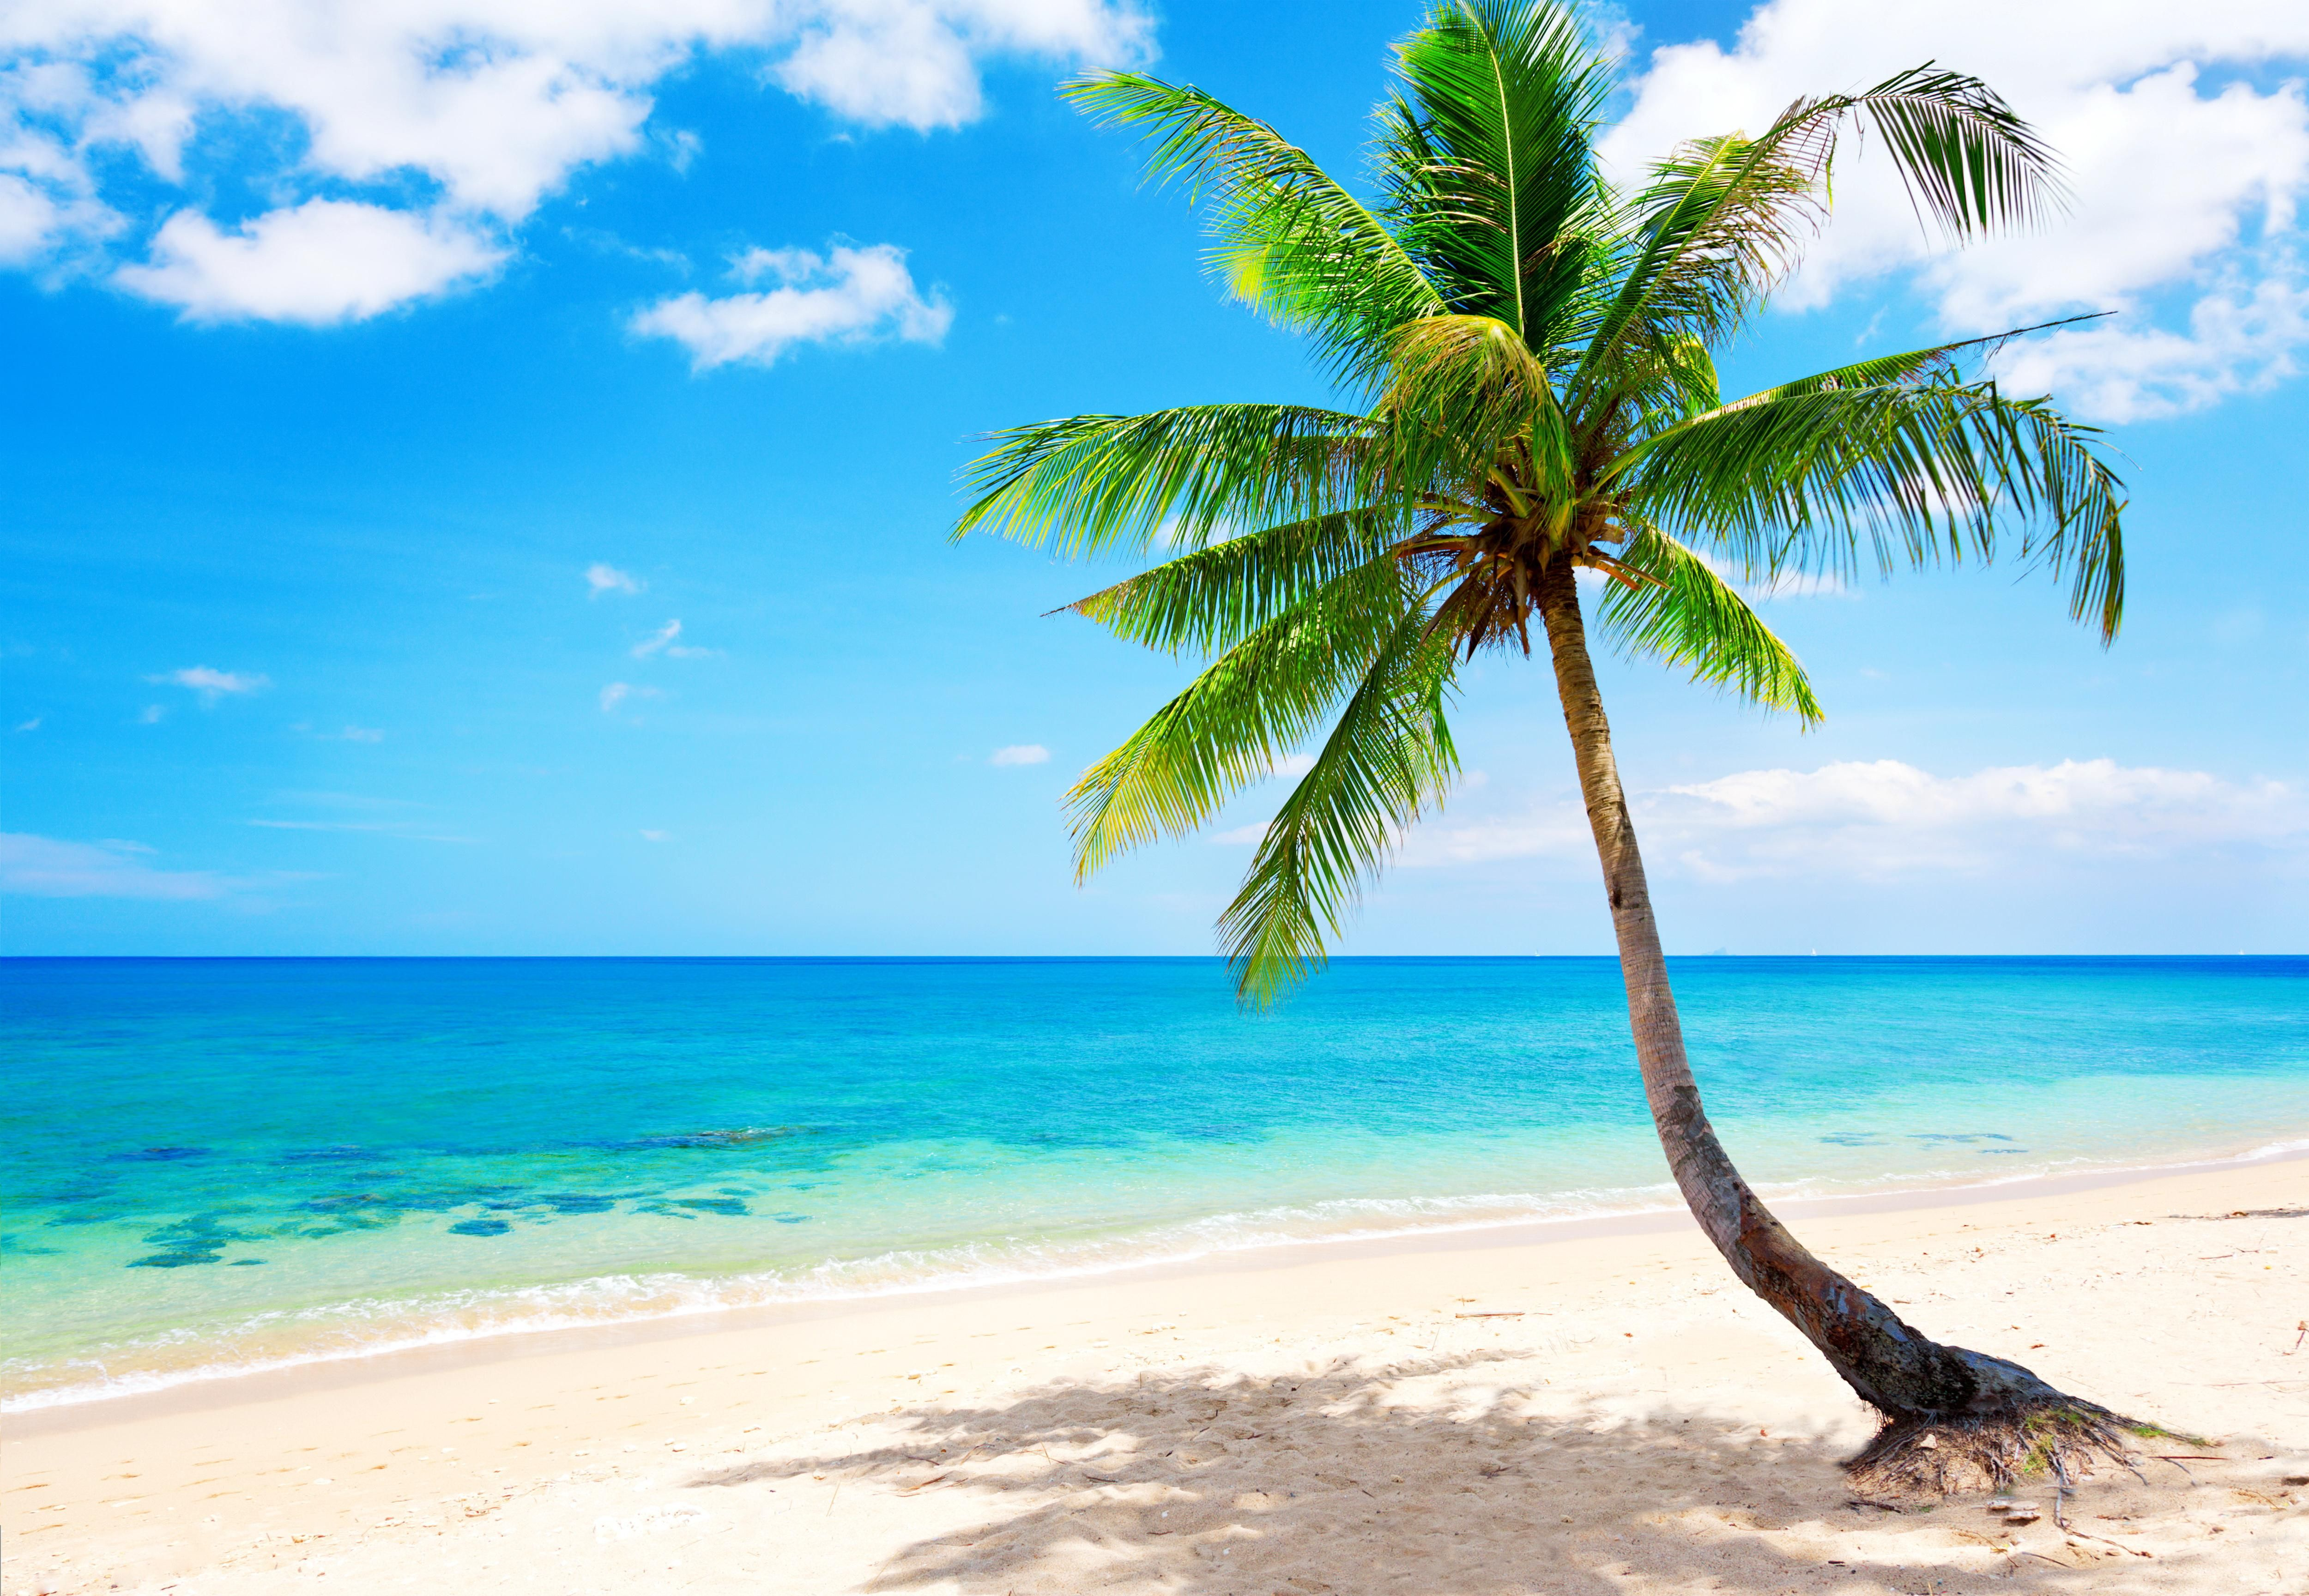 Tropical Beach Wallpapers | Tropical in 2019 | Beach ...